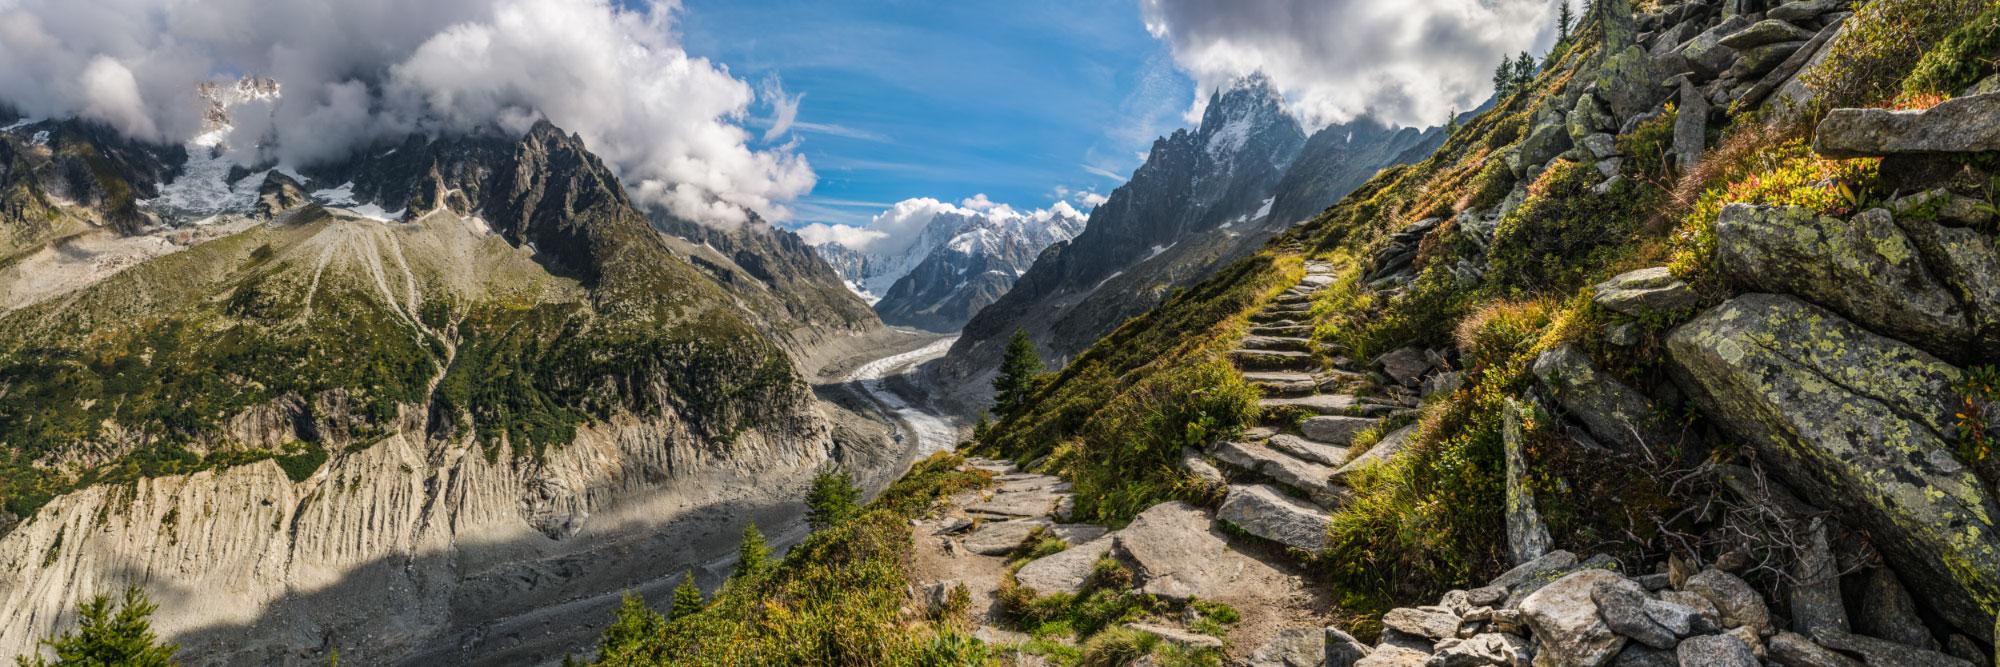 Chemin au-dessus de la Mer de Glace, Chamonix, Mont-Blanc